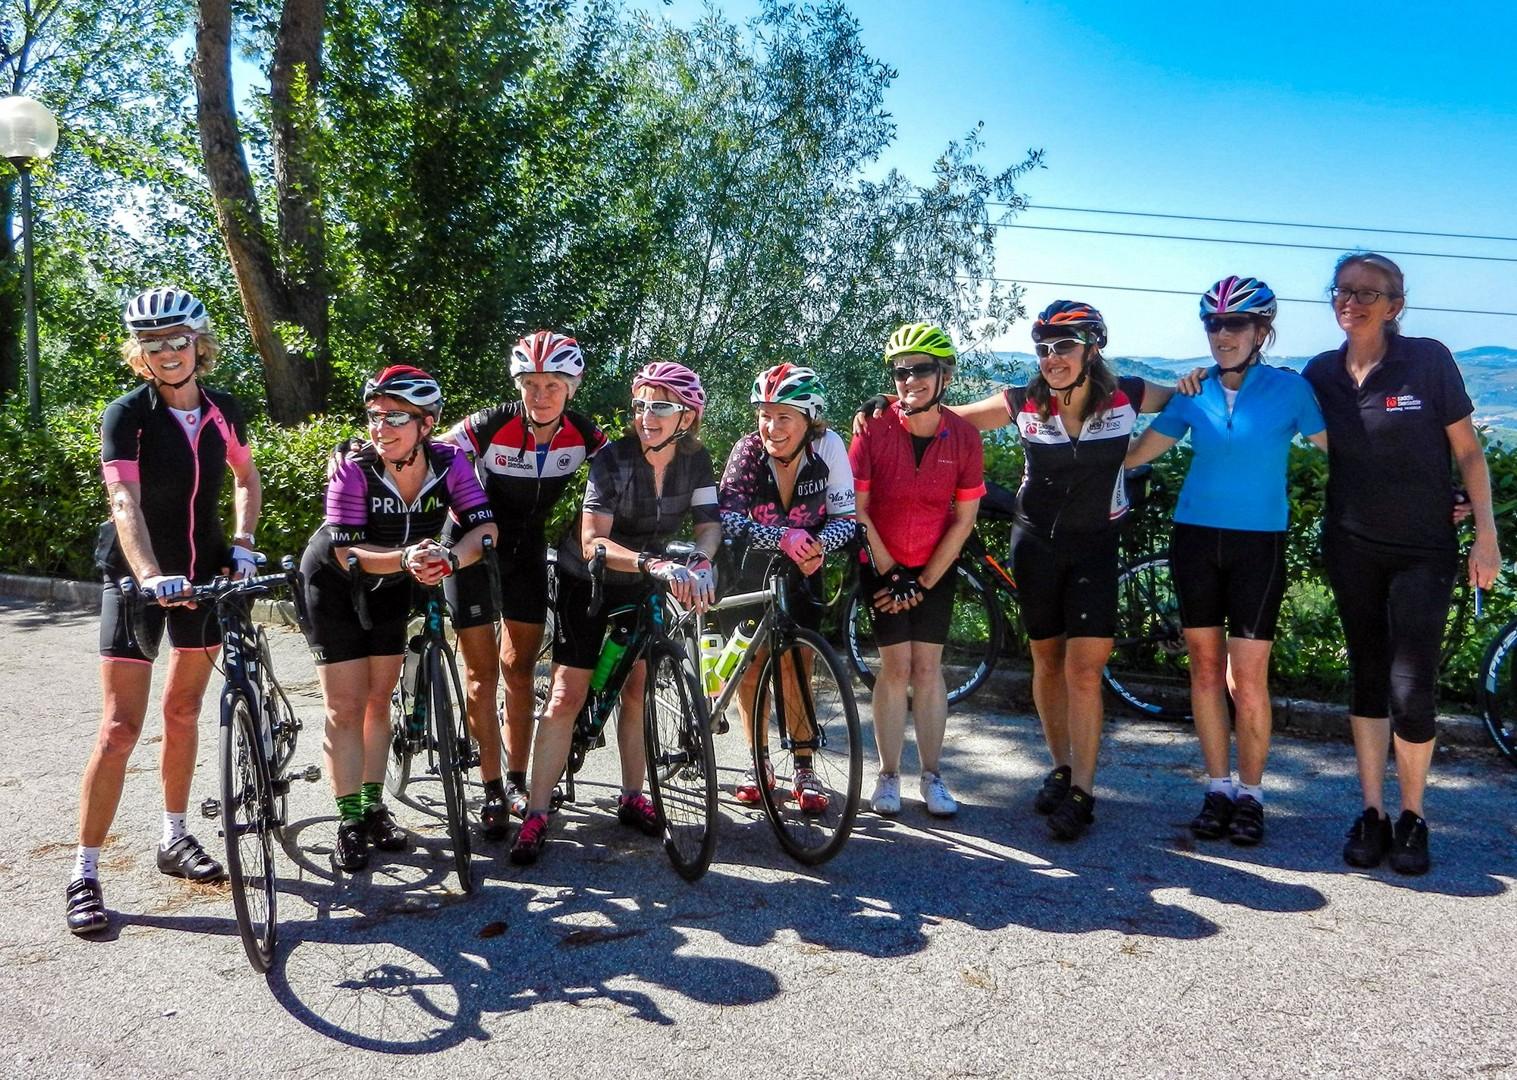 group-road-cycling-holiday-guided-italy-coast-to-coast.jpg - NEW! Italy - Coast to Coast - L'Adriatico al Tirreno - Road Cycling